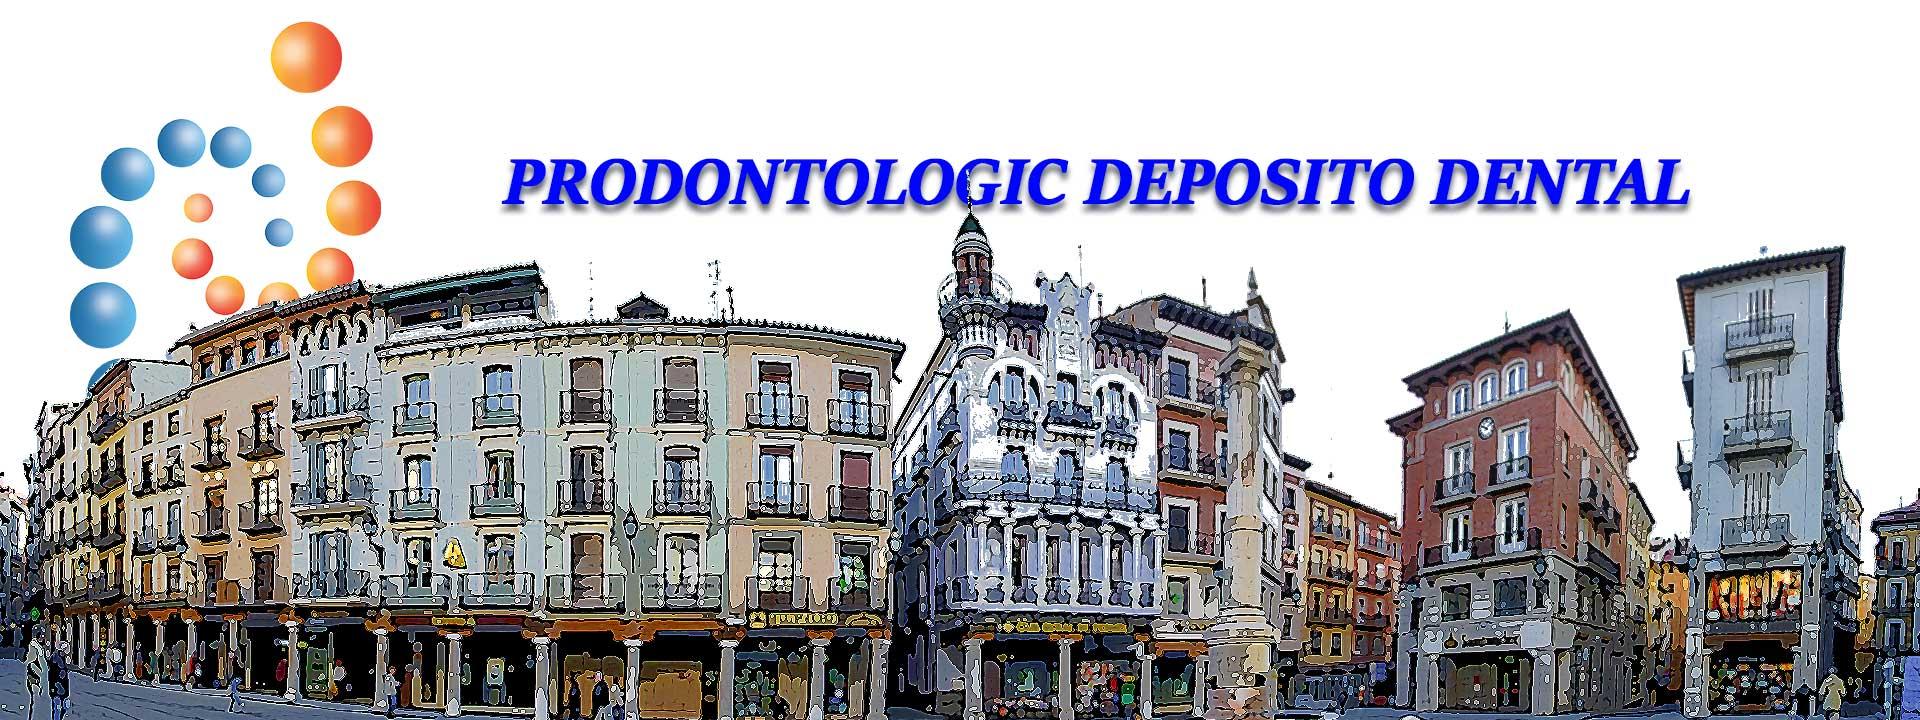 Deposito dental Teruel Aragón